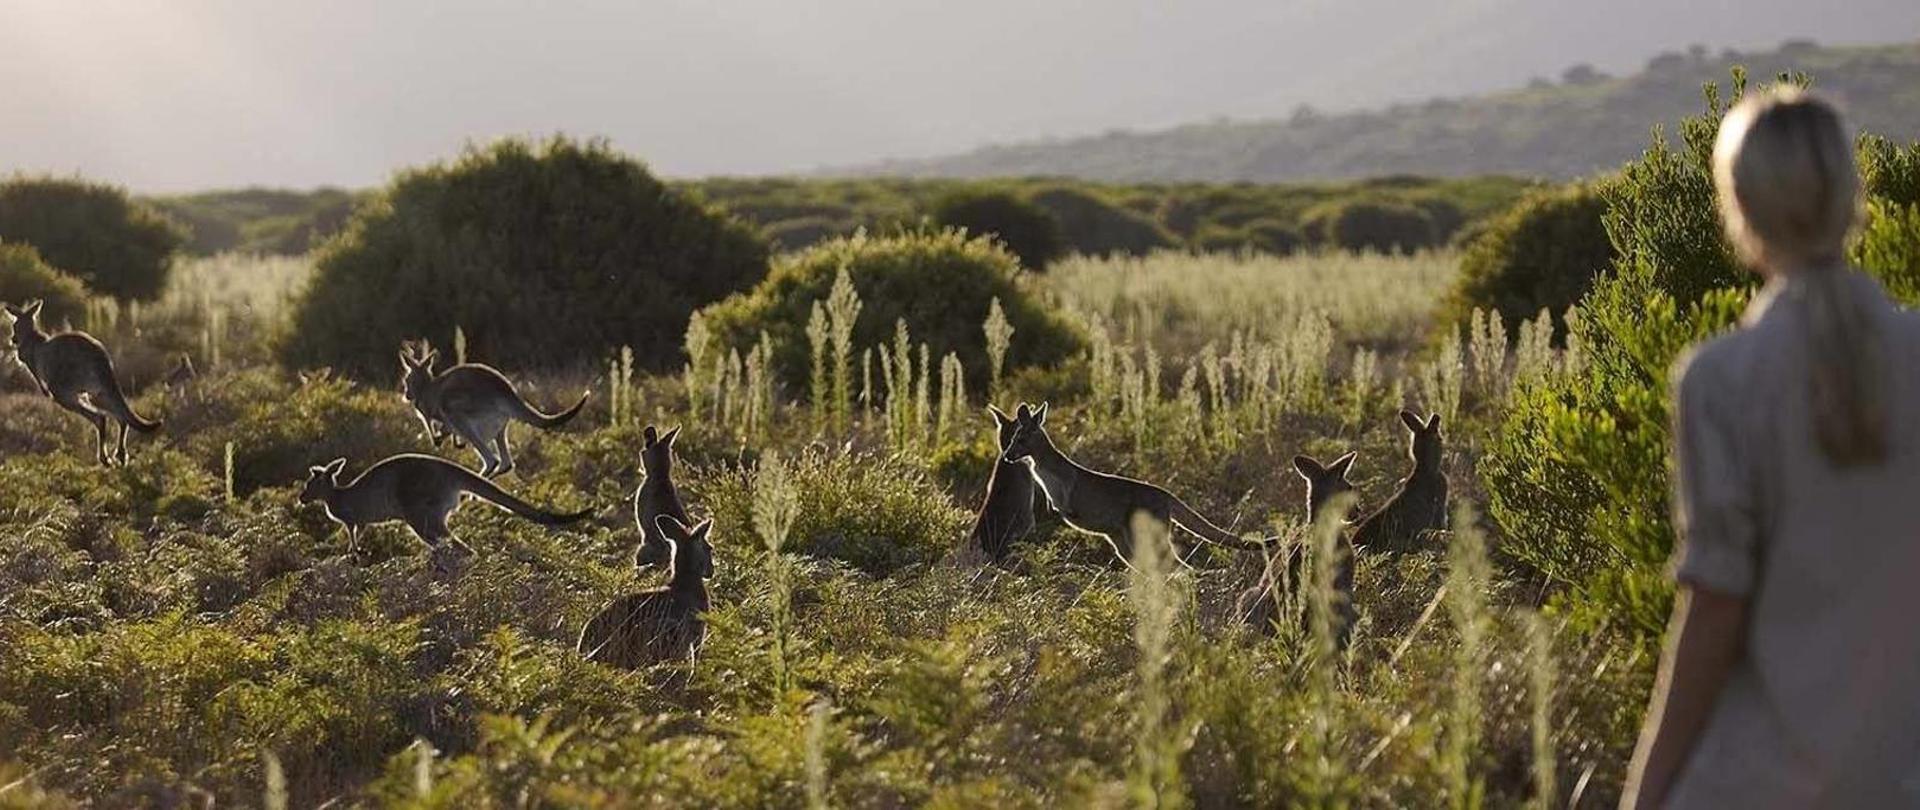 Kangaroos grazing.jpg